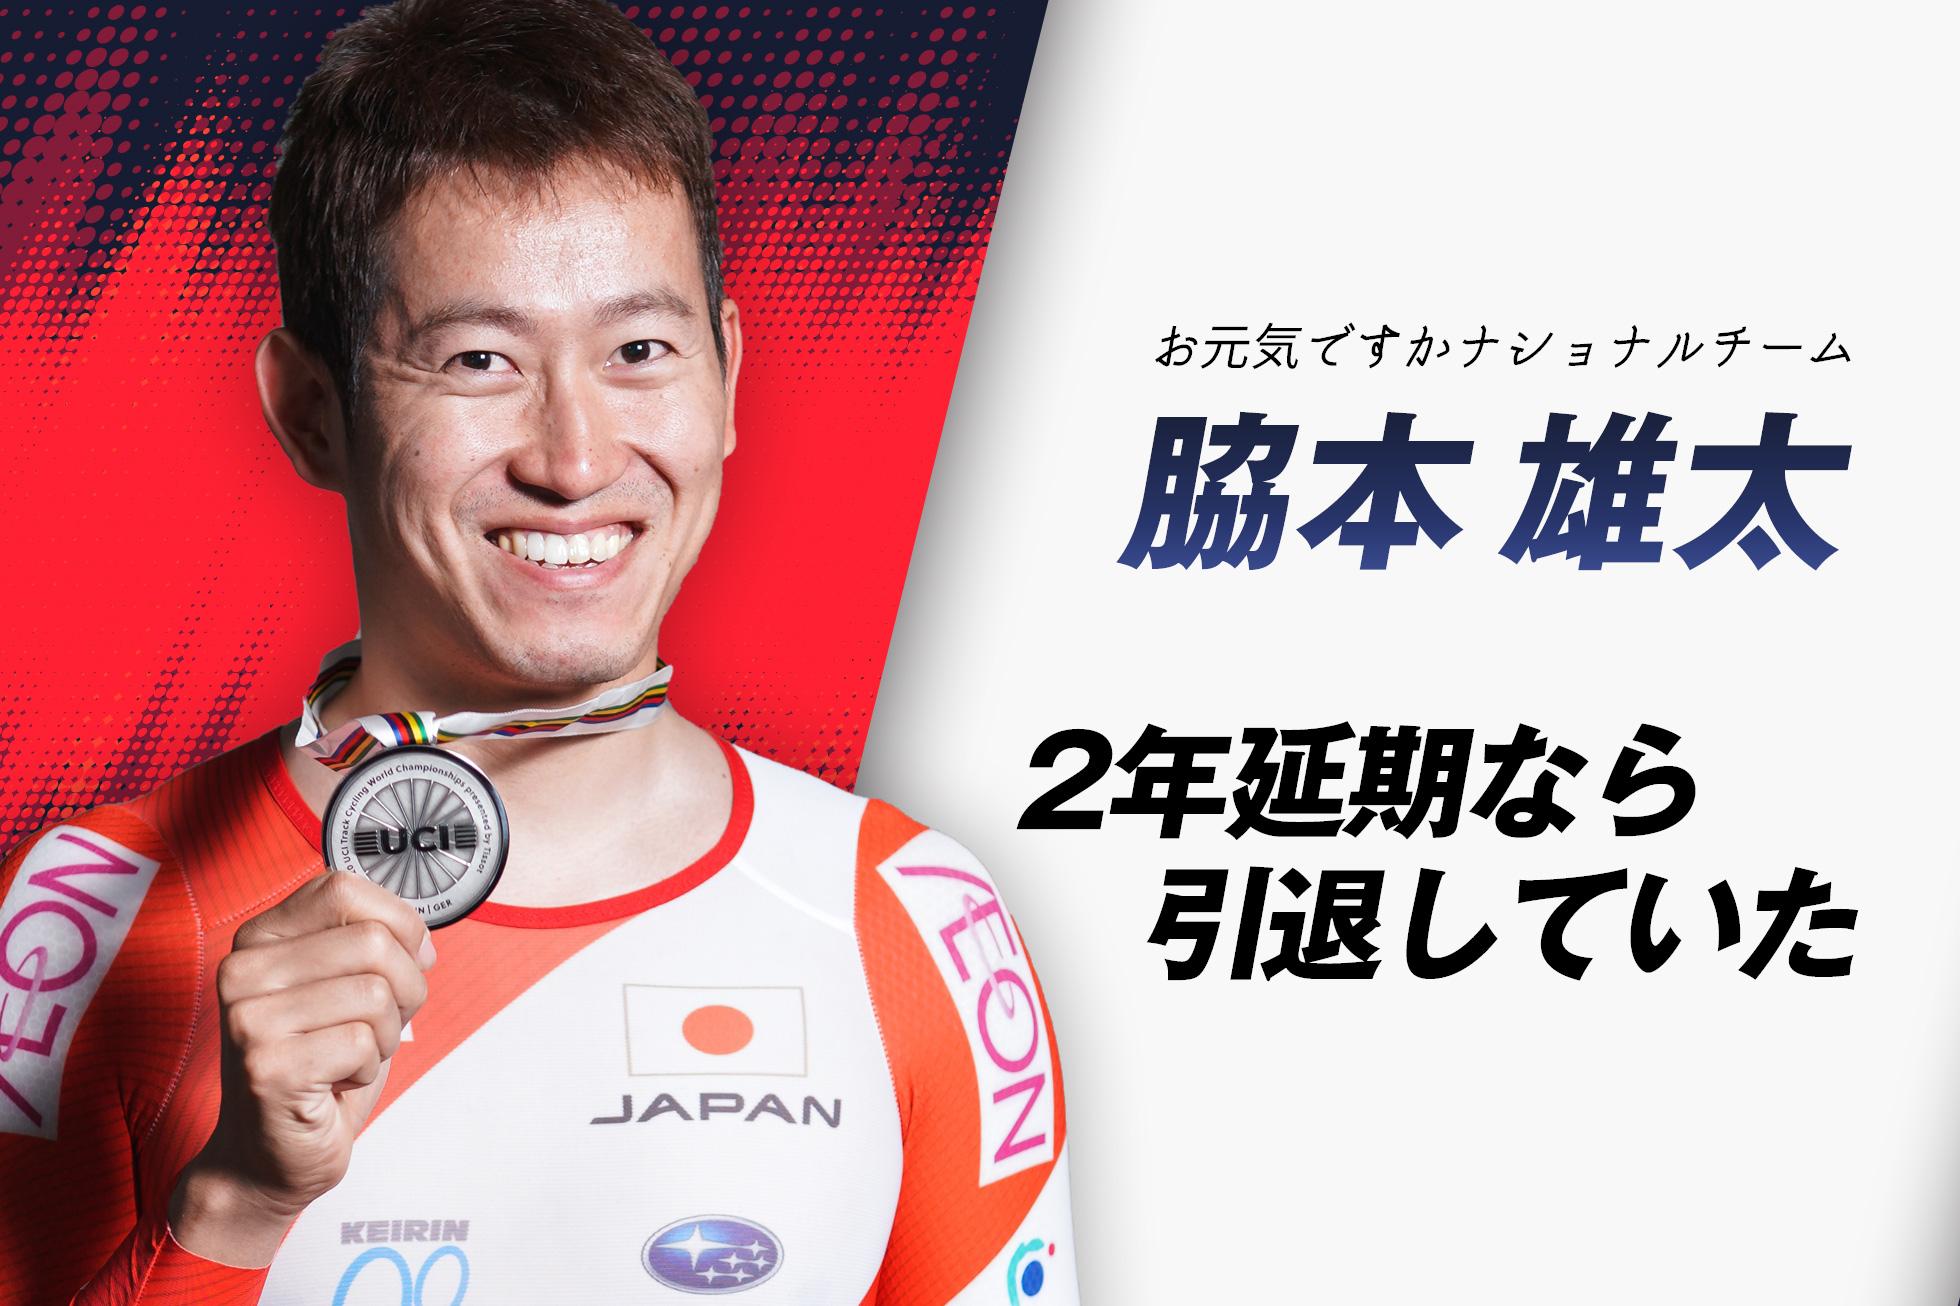 「東京オリンピック2年延期なら引退していた」前を向く脇本雄太のステイホームな日々【お元気ですかナショナルチーム】